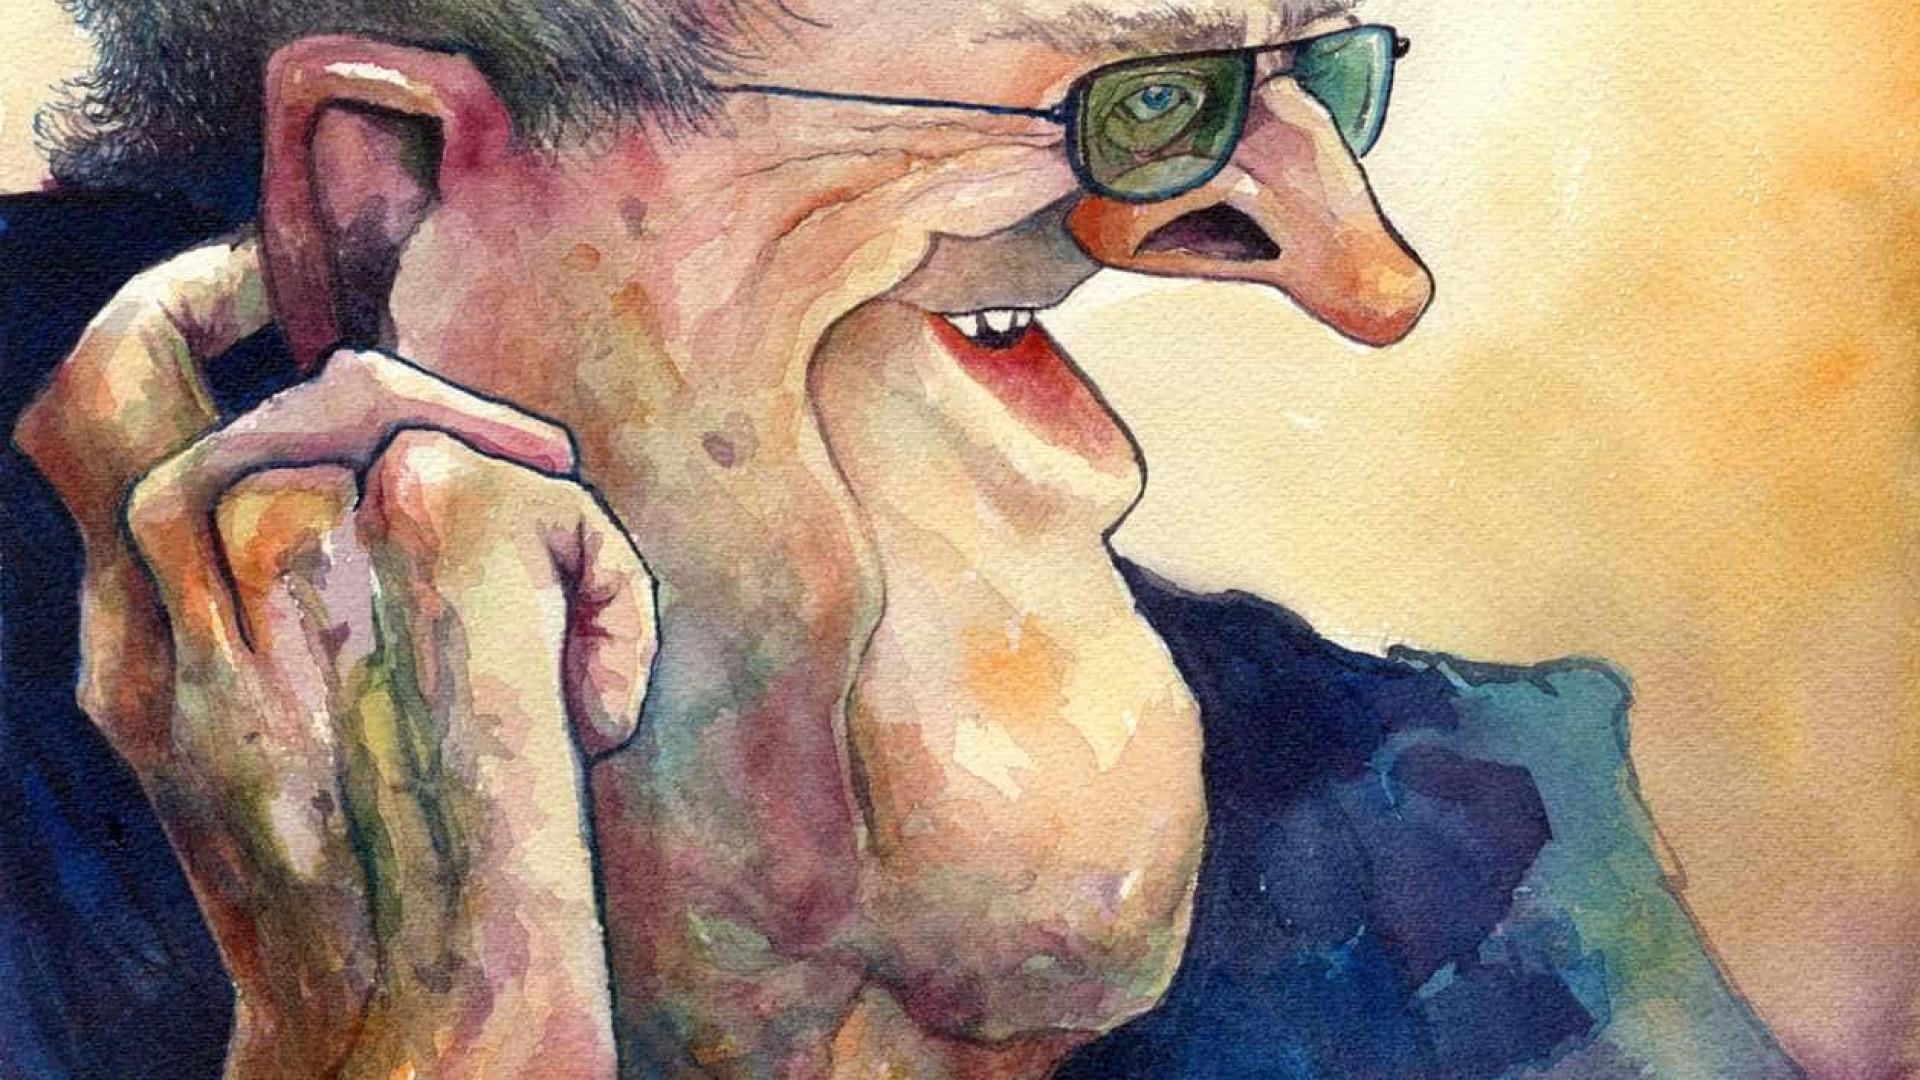 Caricaturas de Manoel de Oliveira em exposição a partir de sábado